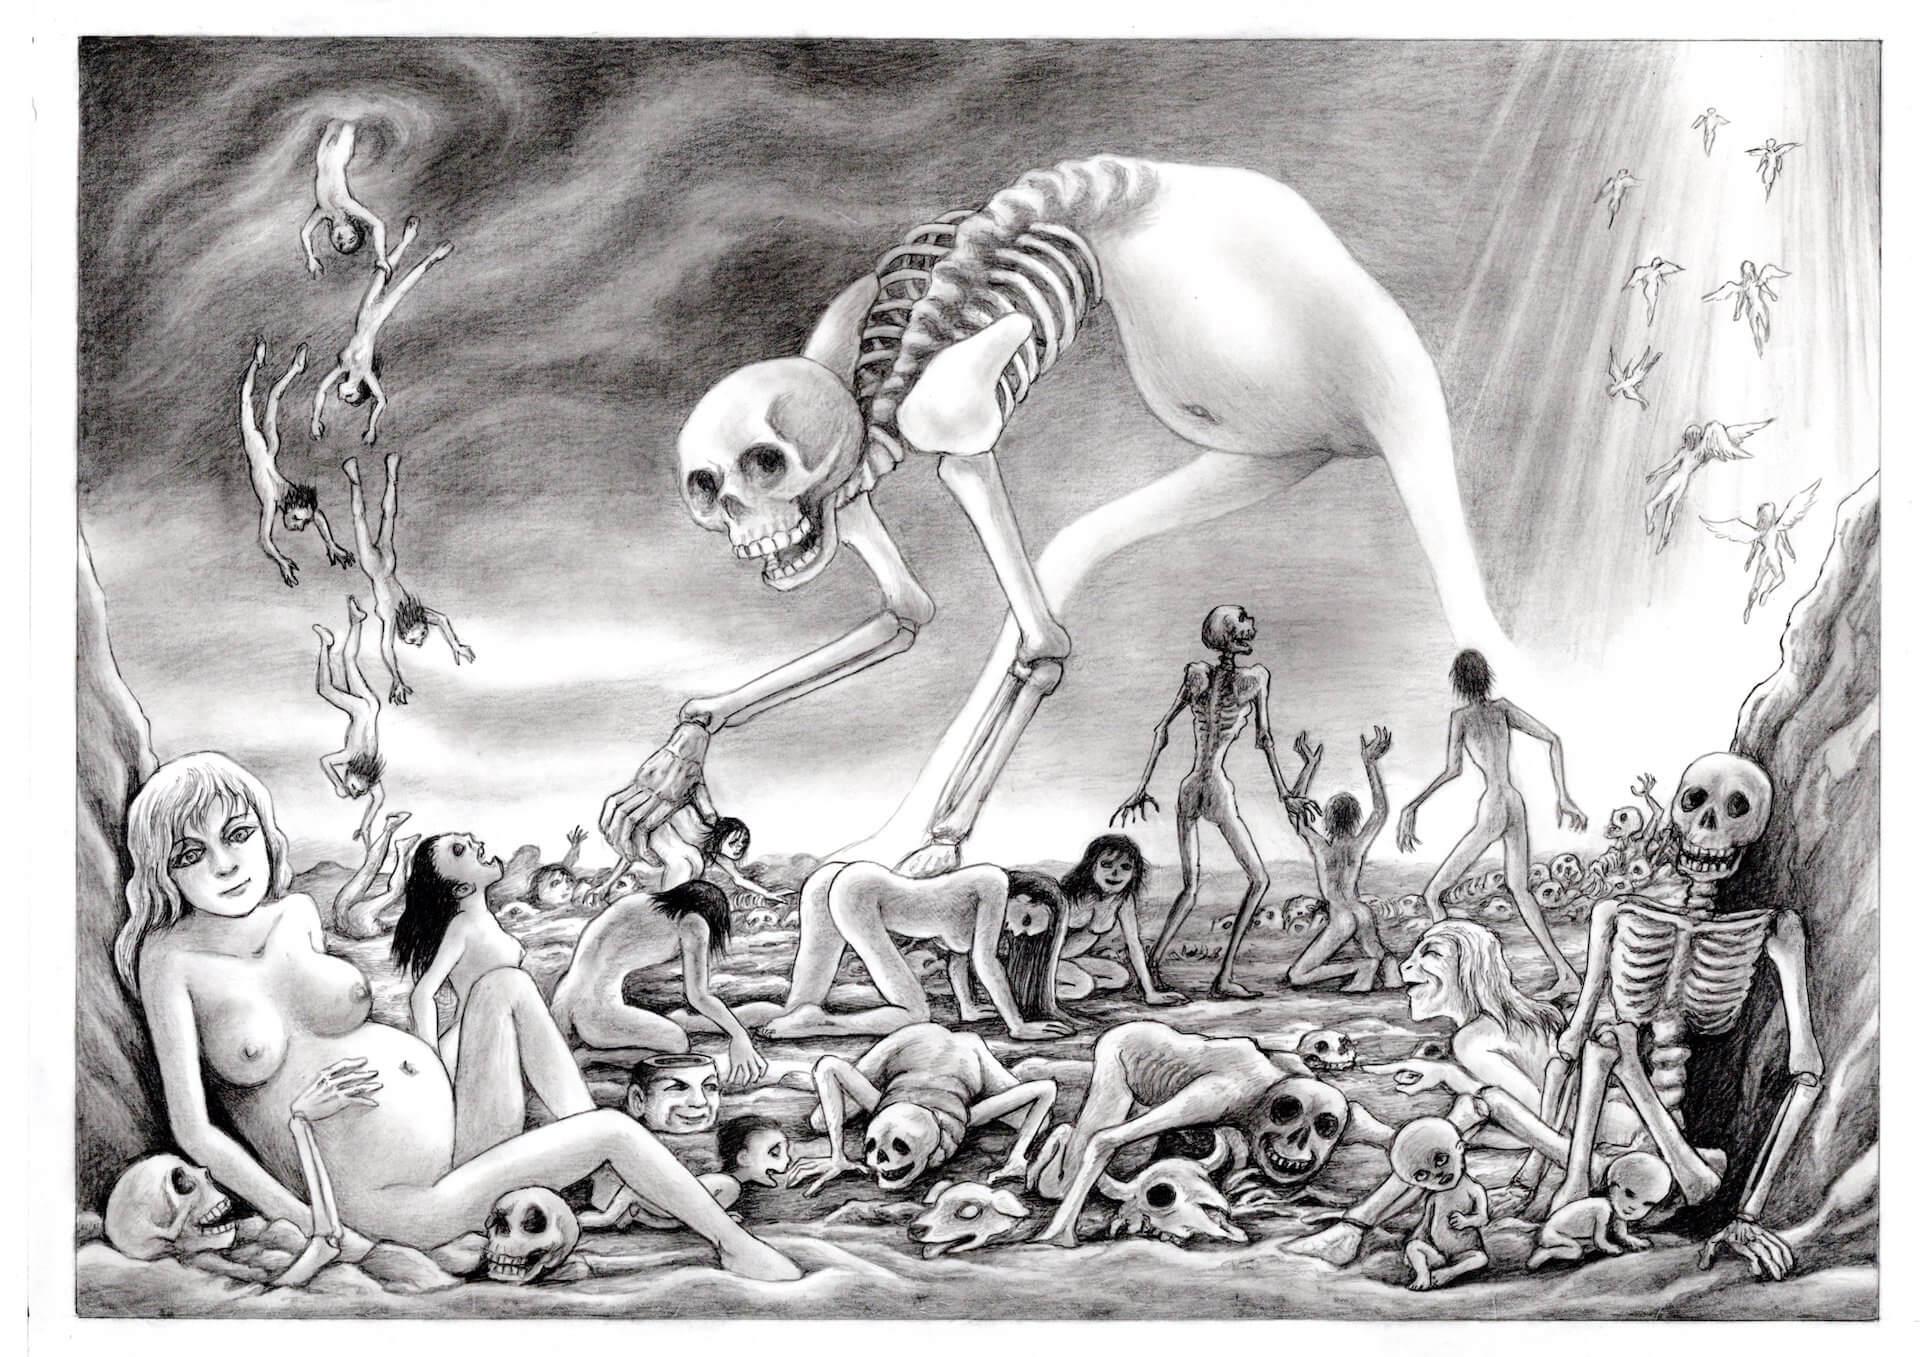 「死」からテクノロジーと社会の未来を問う展覧会<END展 死×テクノロジー×未来=?>の開催が決定! art211011_end_05